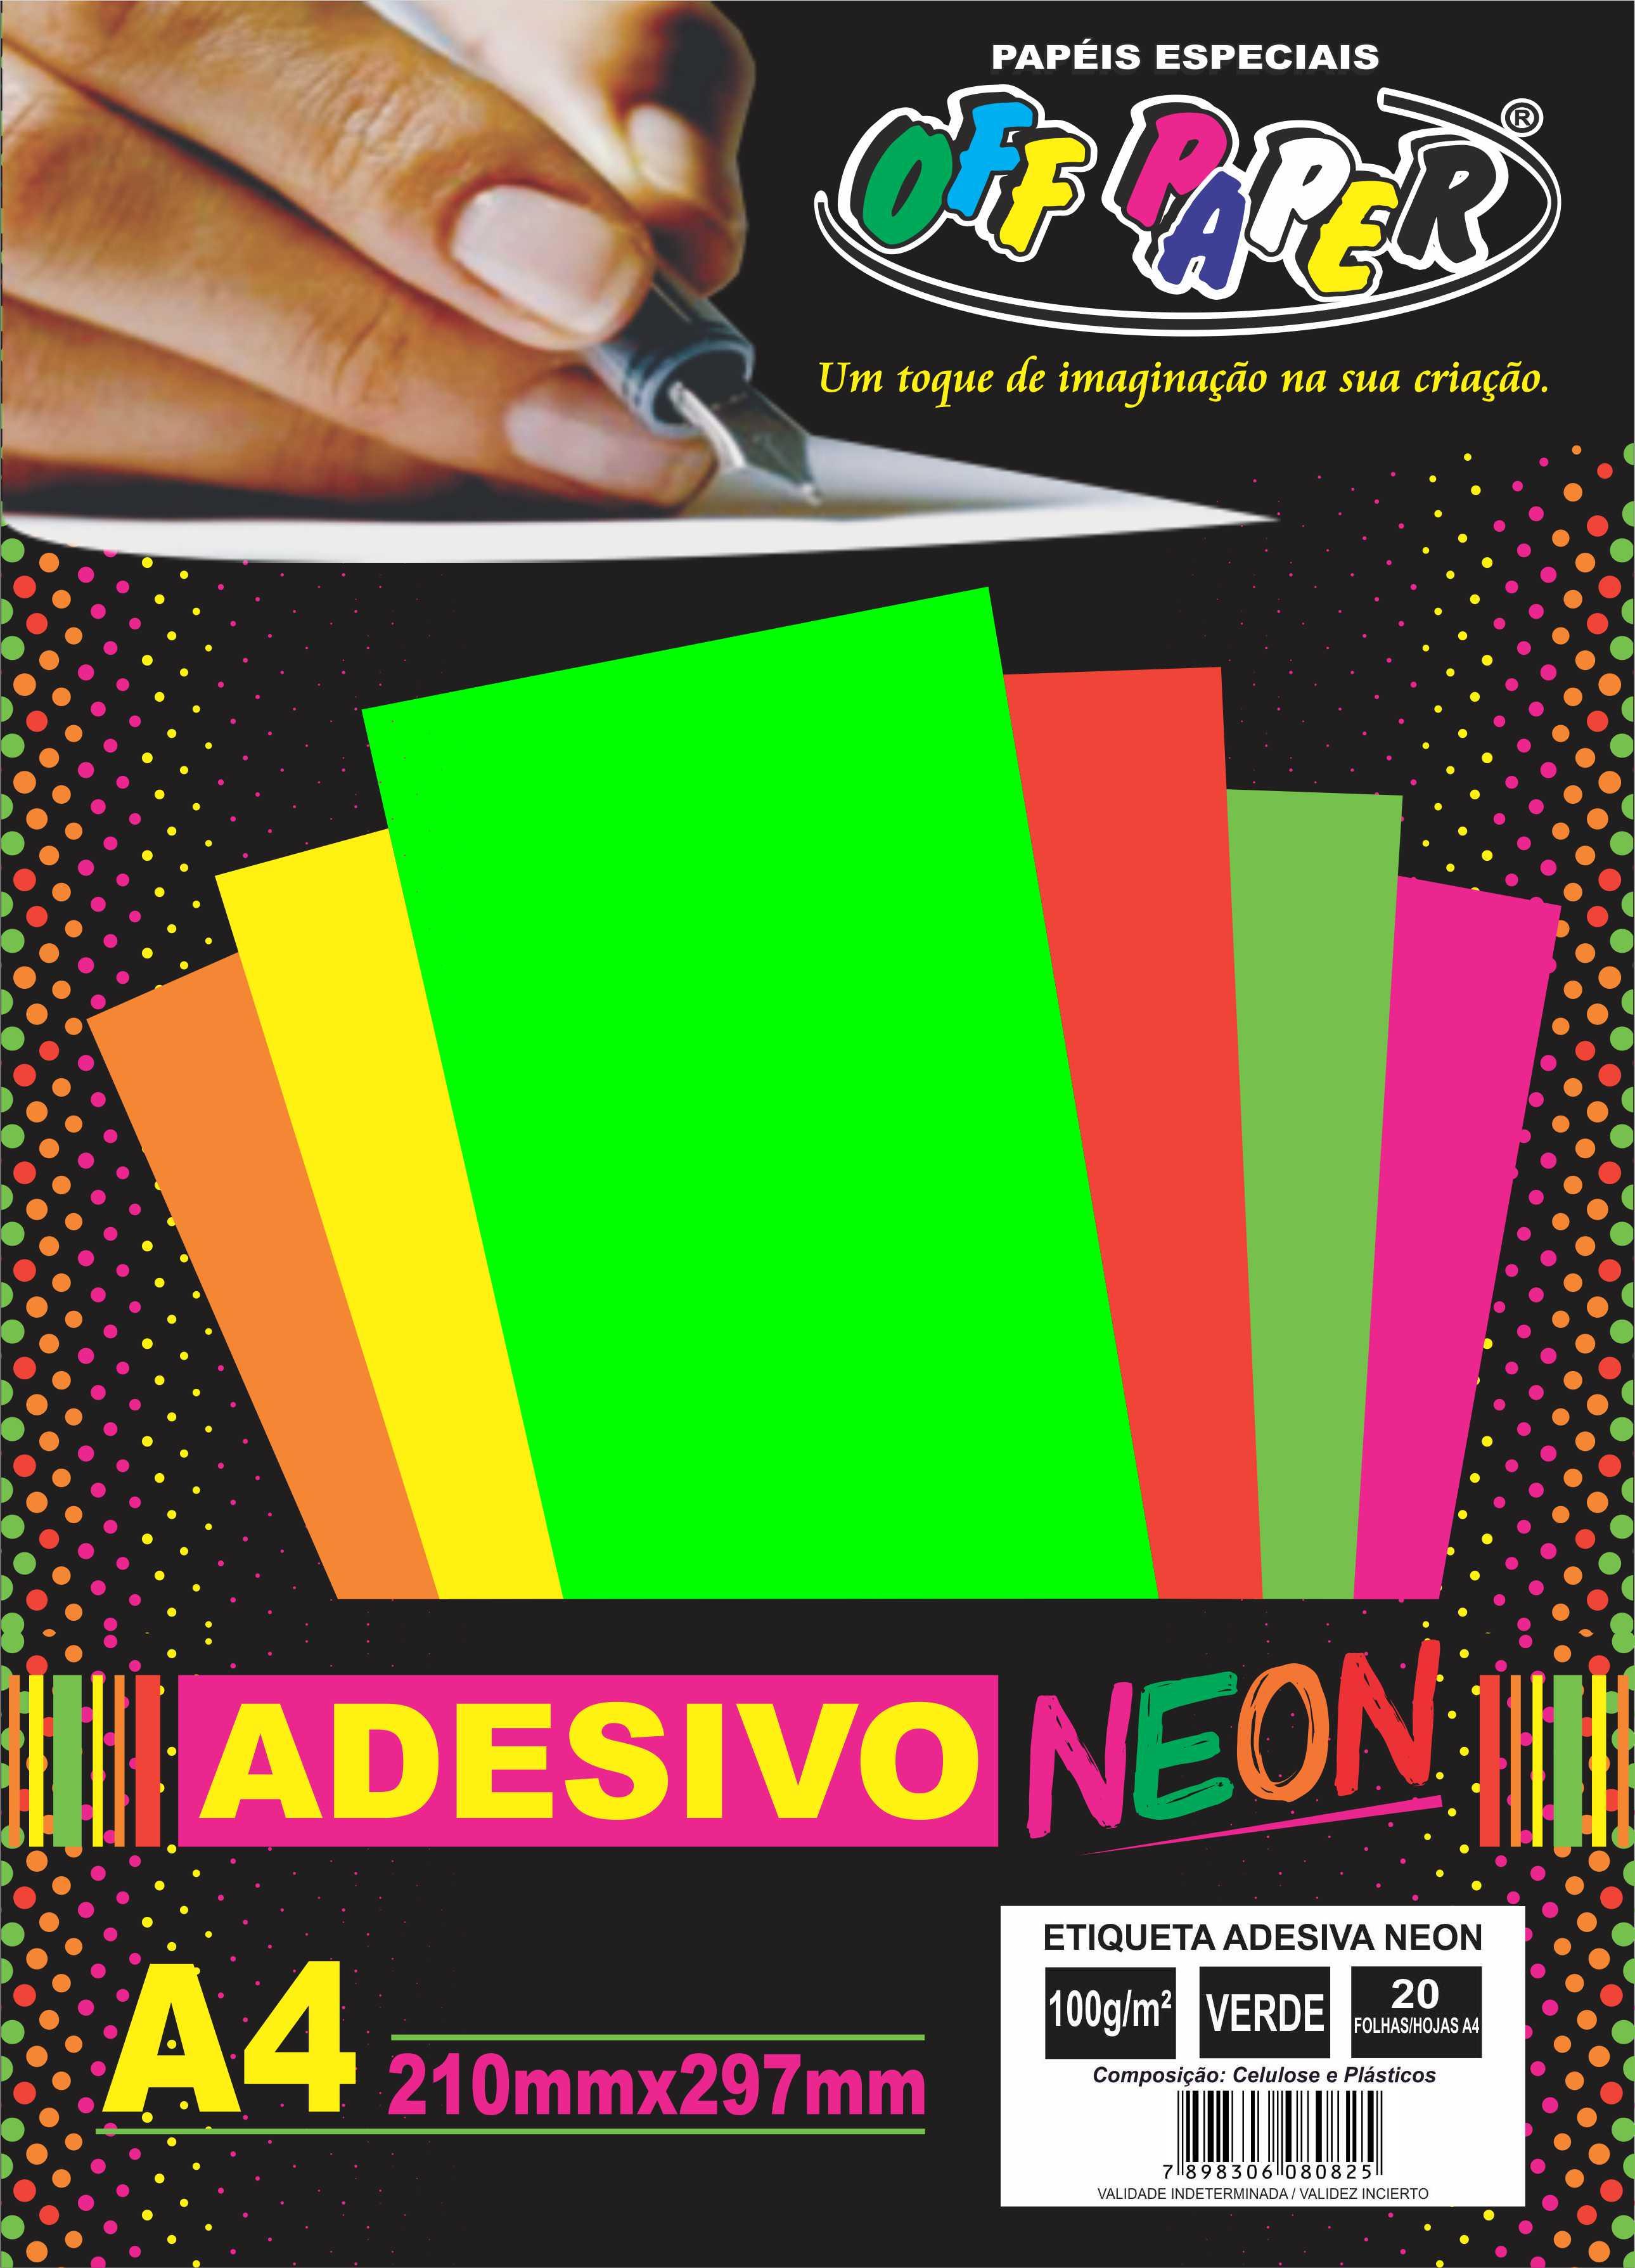 Adhesivo Neón A4